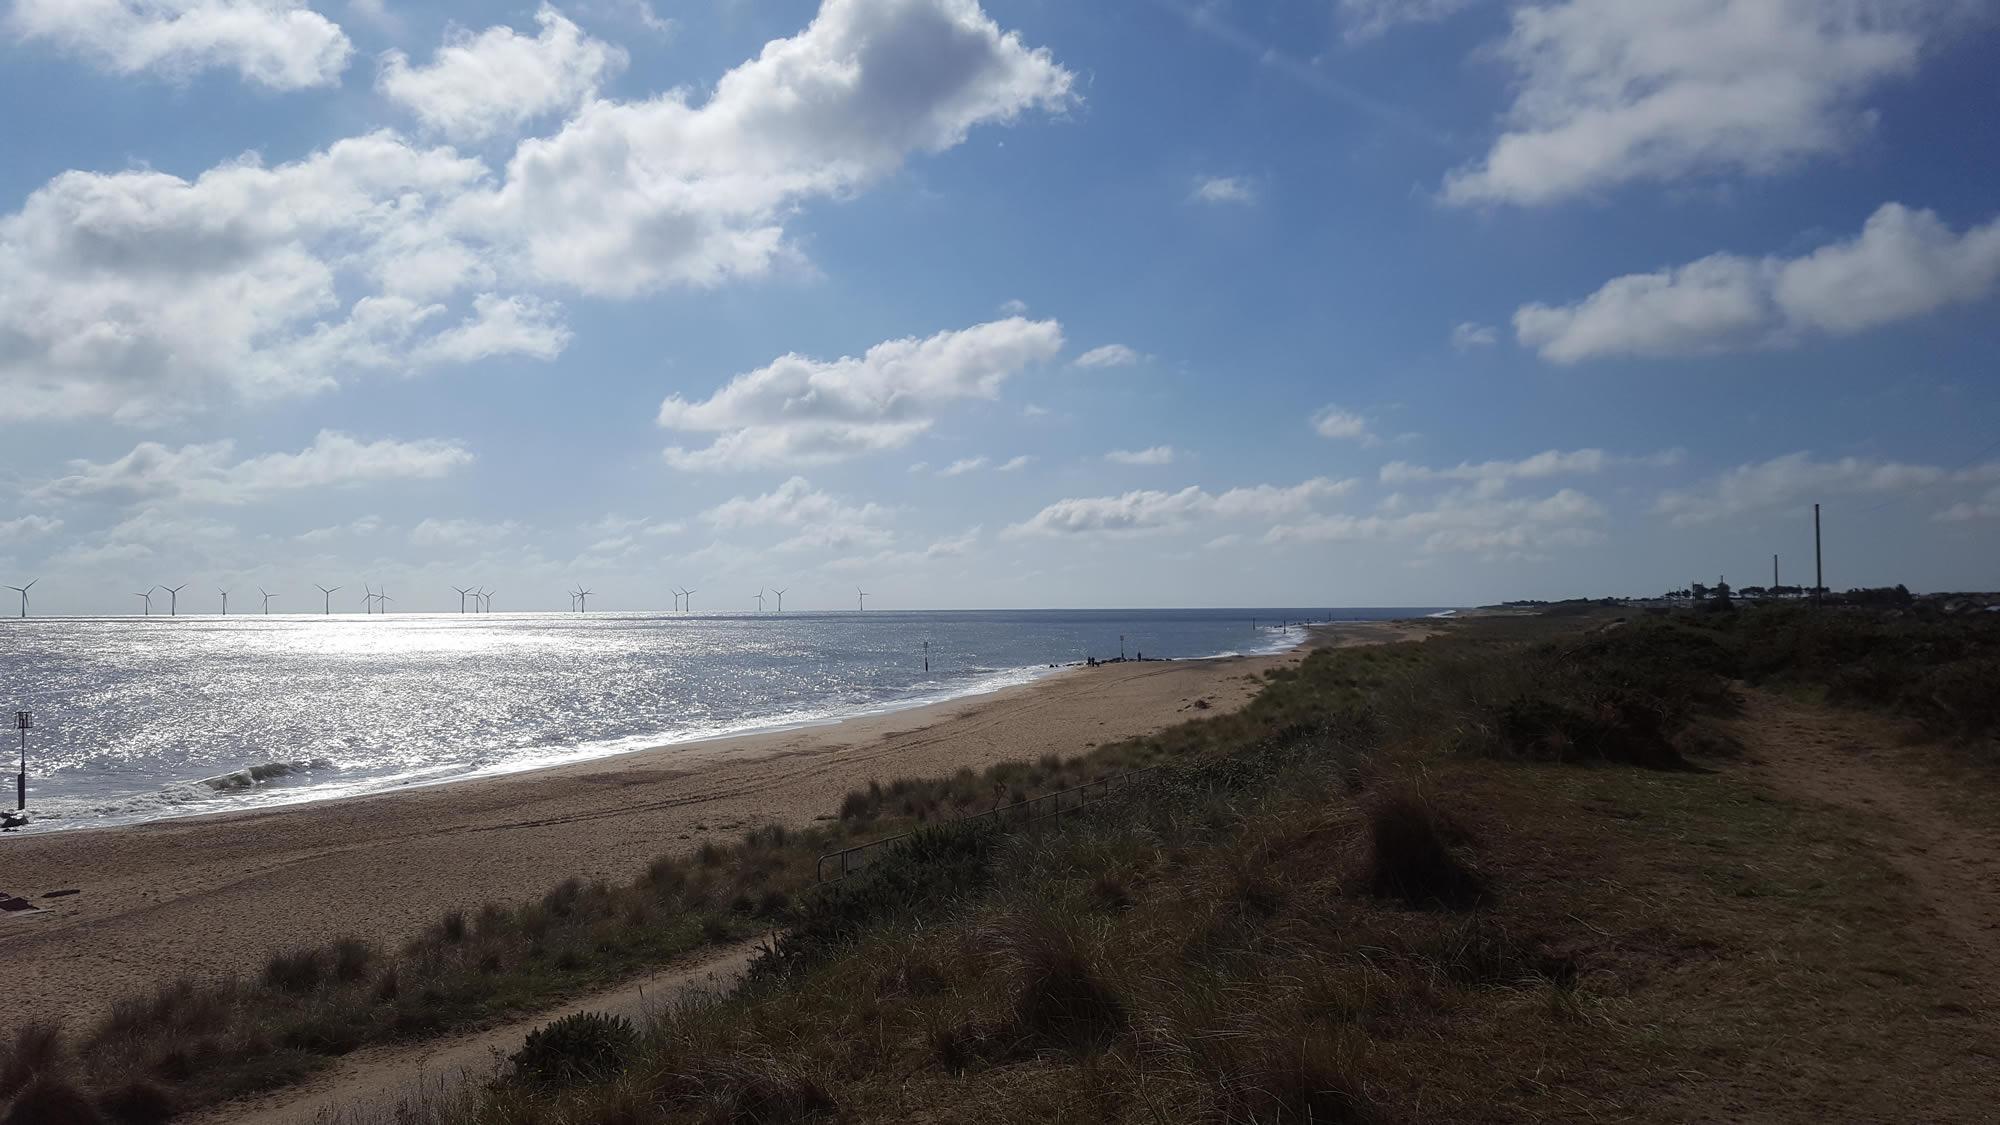 scroby sands wind farm, North Norfolk Coastal Path